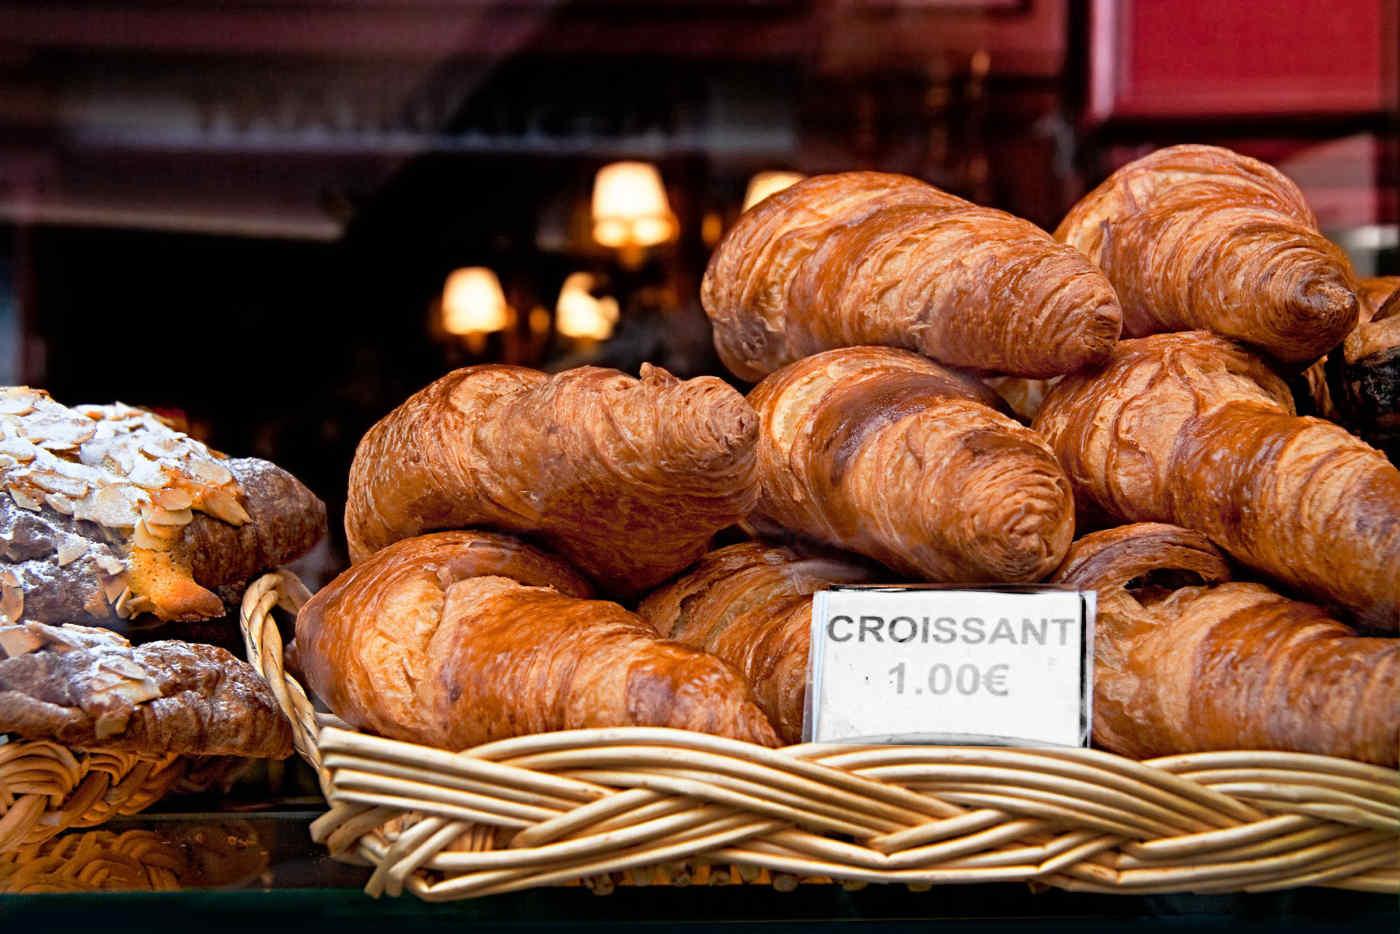 Croissants in Paris, France